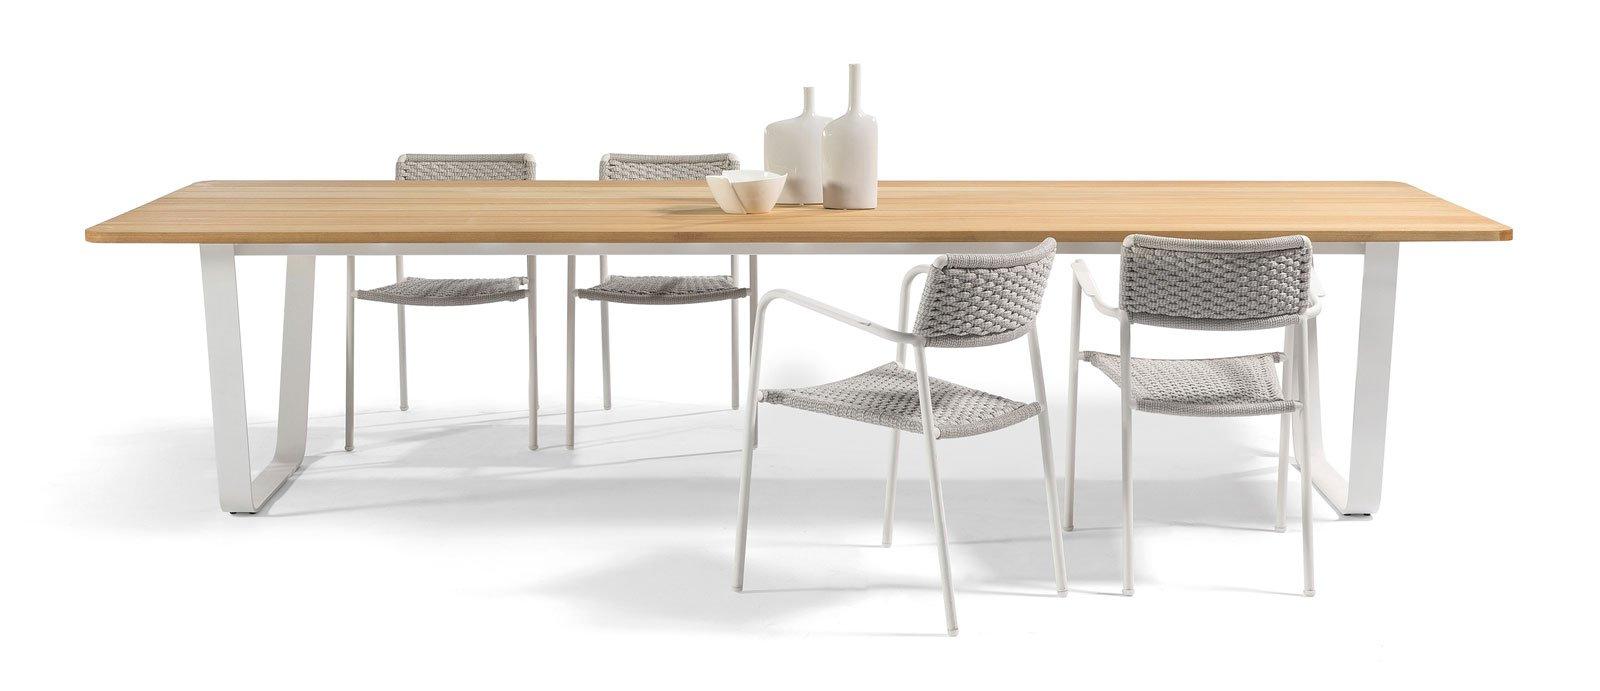 Ai saloni 2015 le proposte d 39 arredo per esterni cose di for Sedie ferro e legno